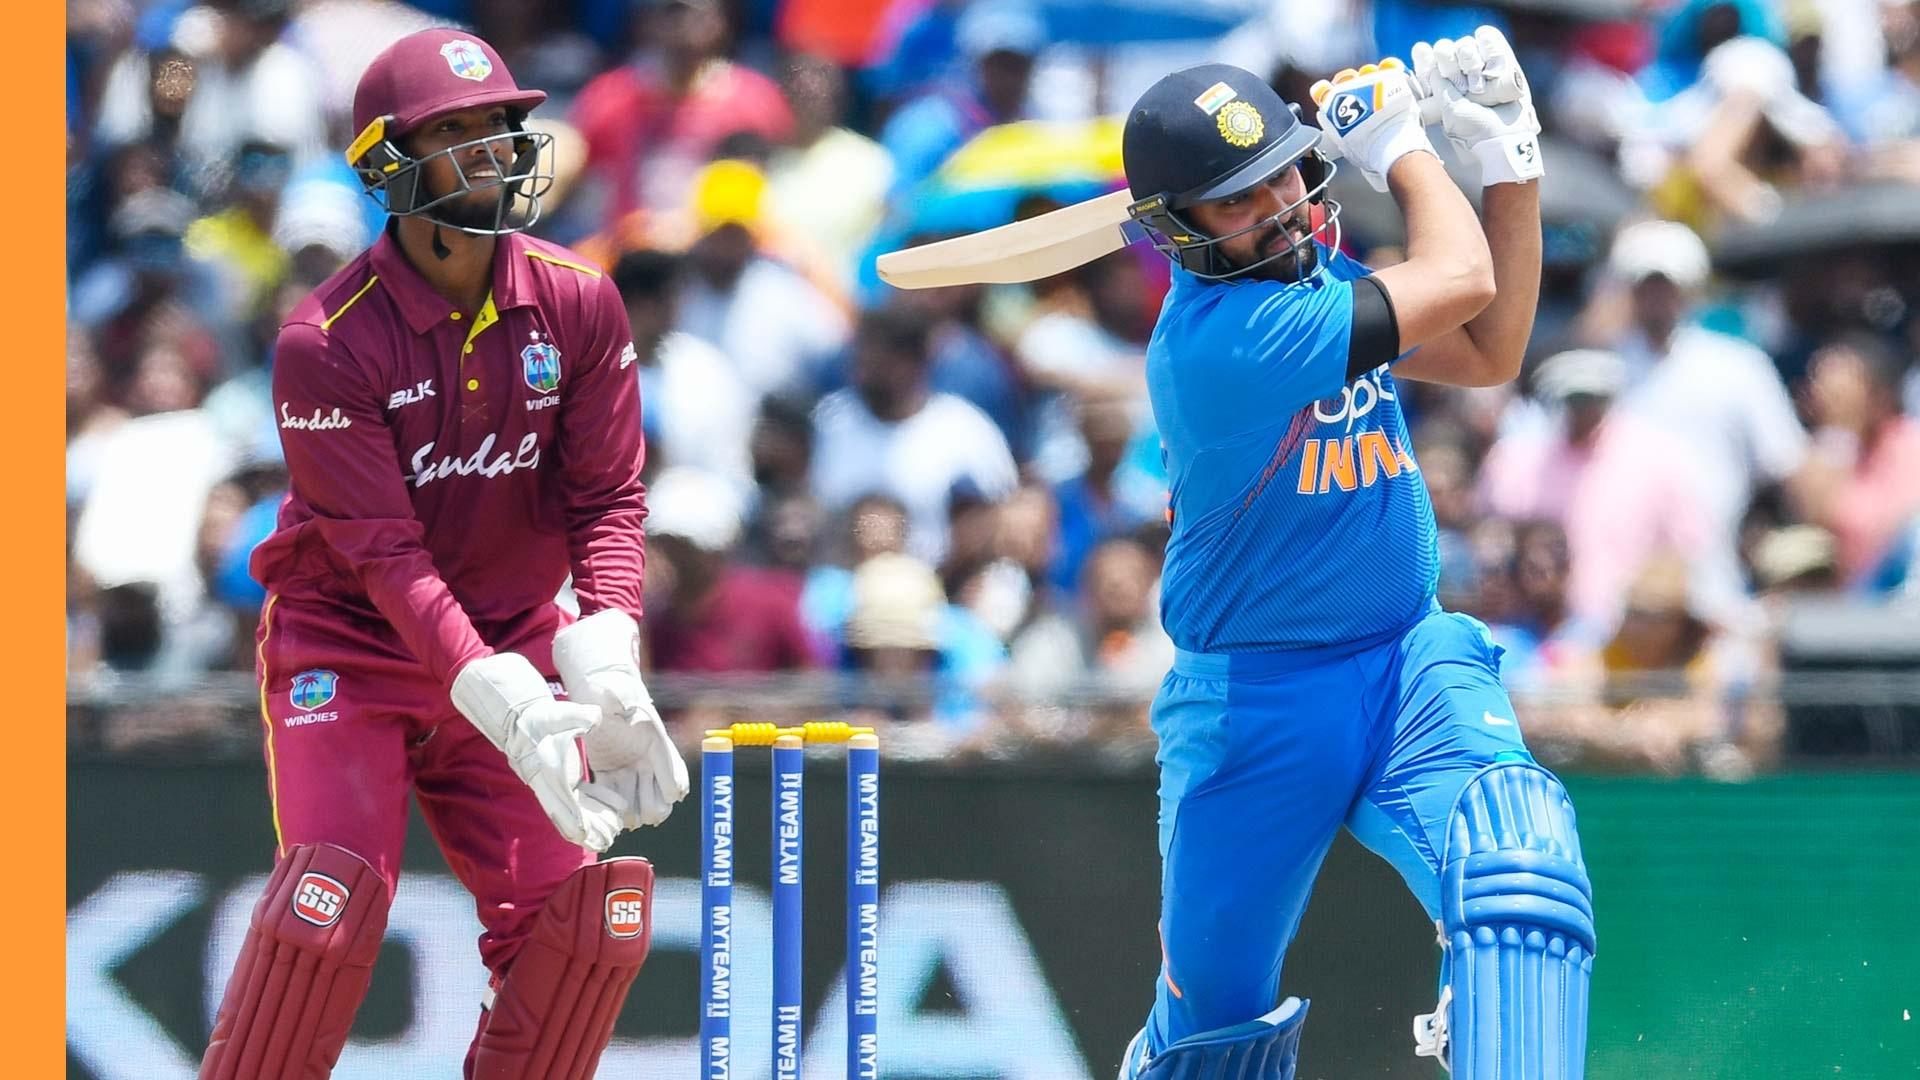 આજે ભારત અને વેસ્ટ ઈન્ડિઝ વચ્ચે ક્રિકેટ વન-ડે માં ખરાખરીનો મુકાબલો